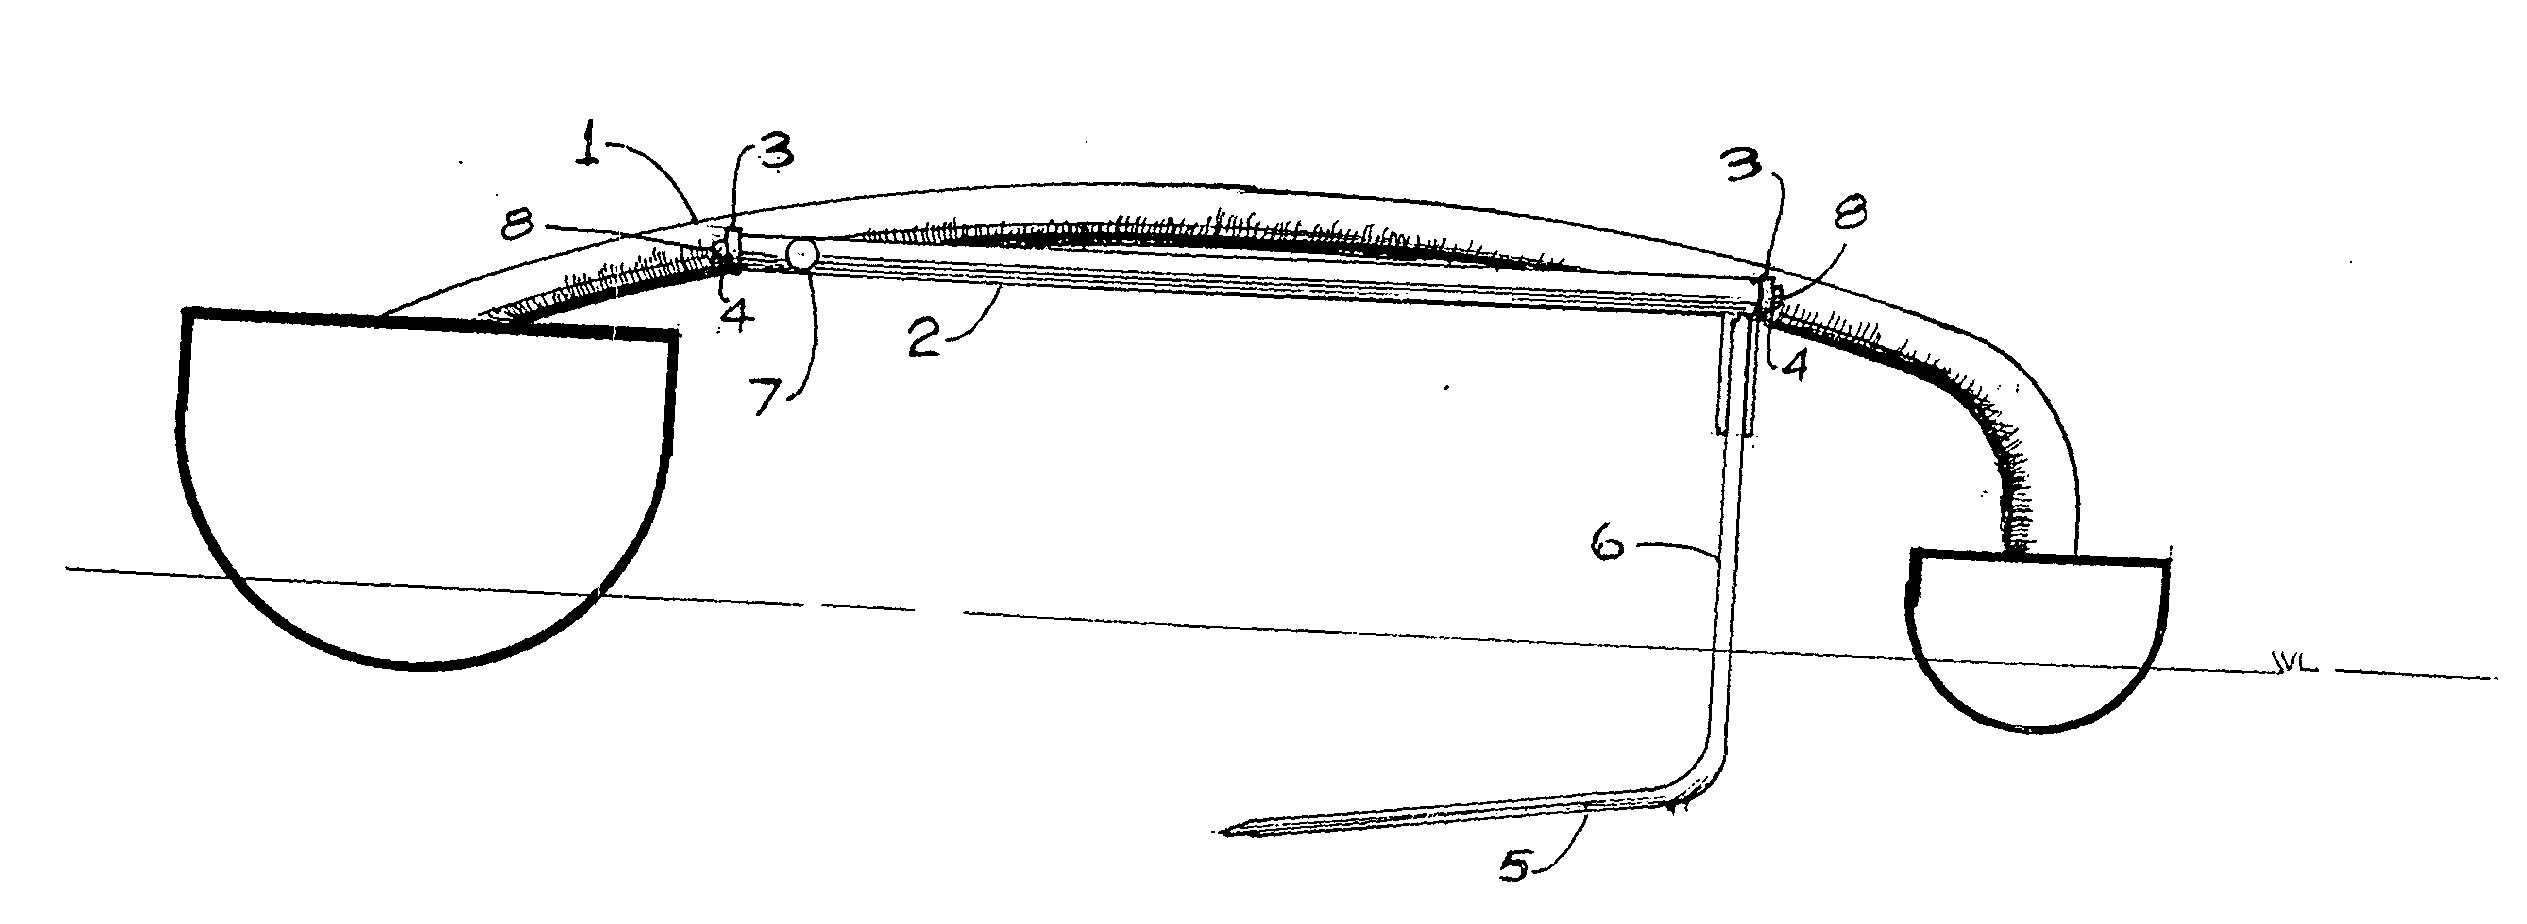 patent us20040089217